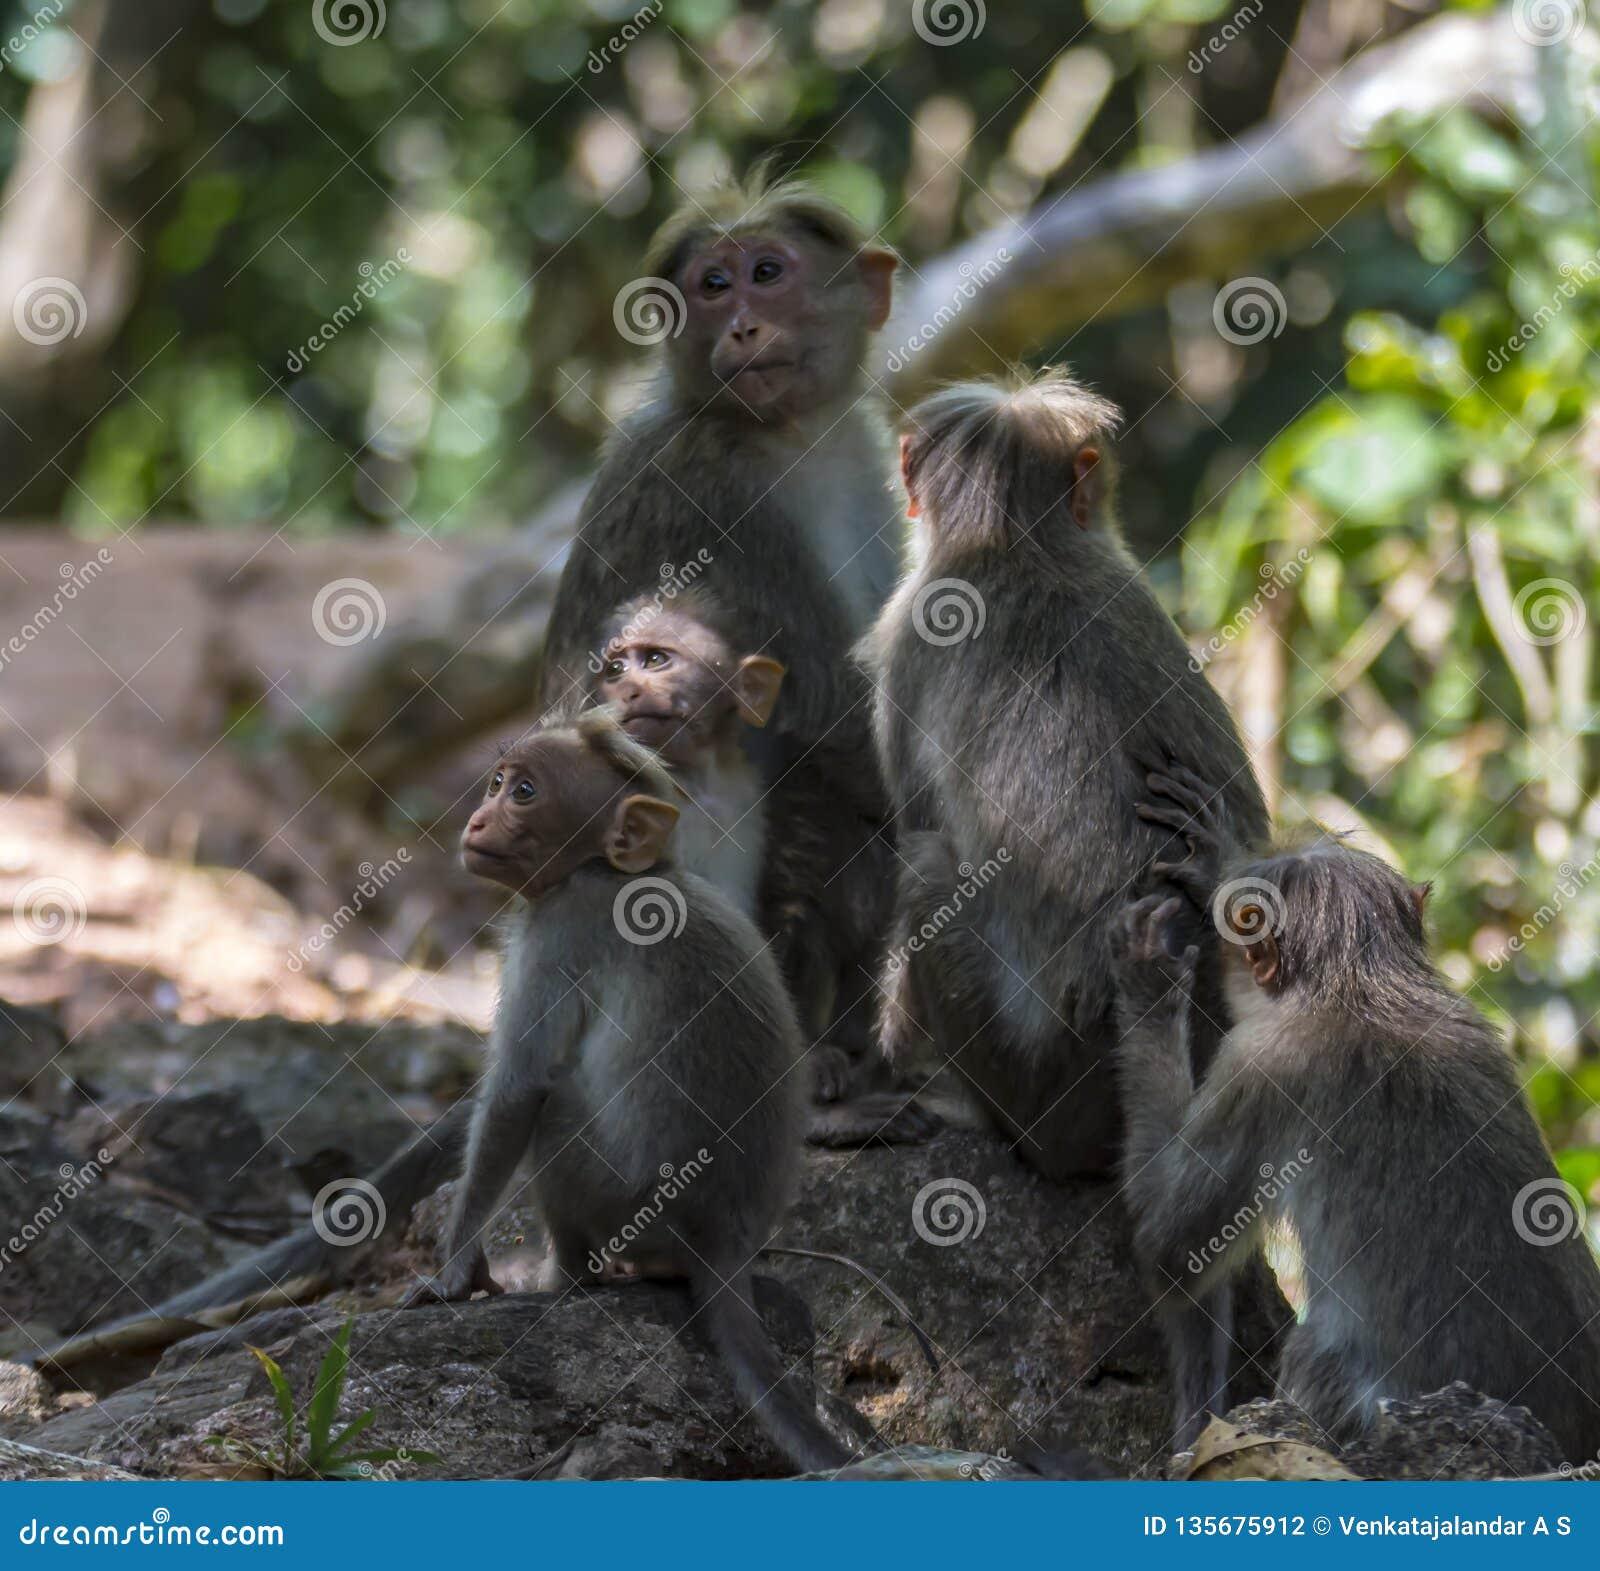 Rodzina czapeczka makak w świetle słonecznym i cieniach - Macaca radiata